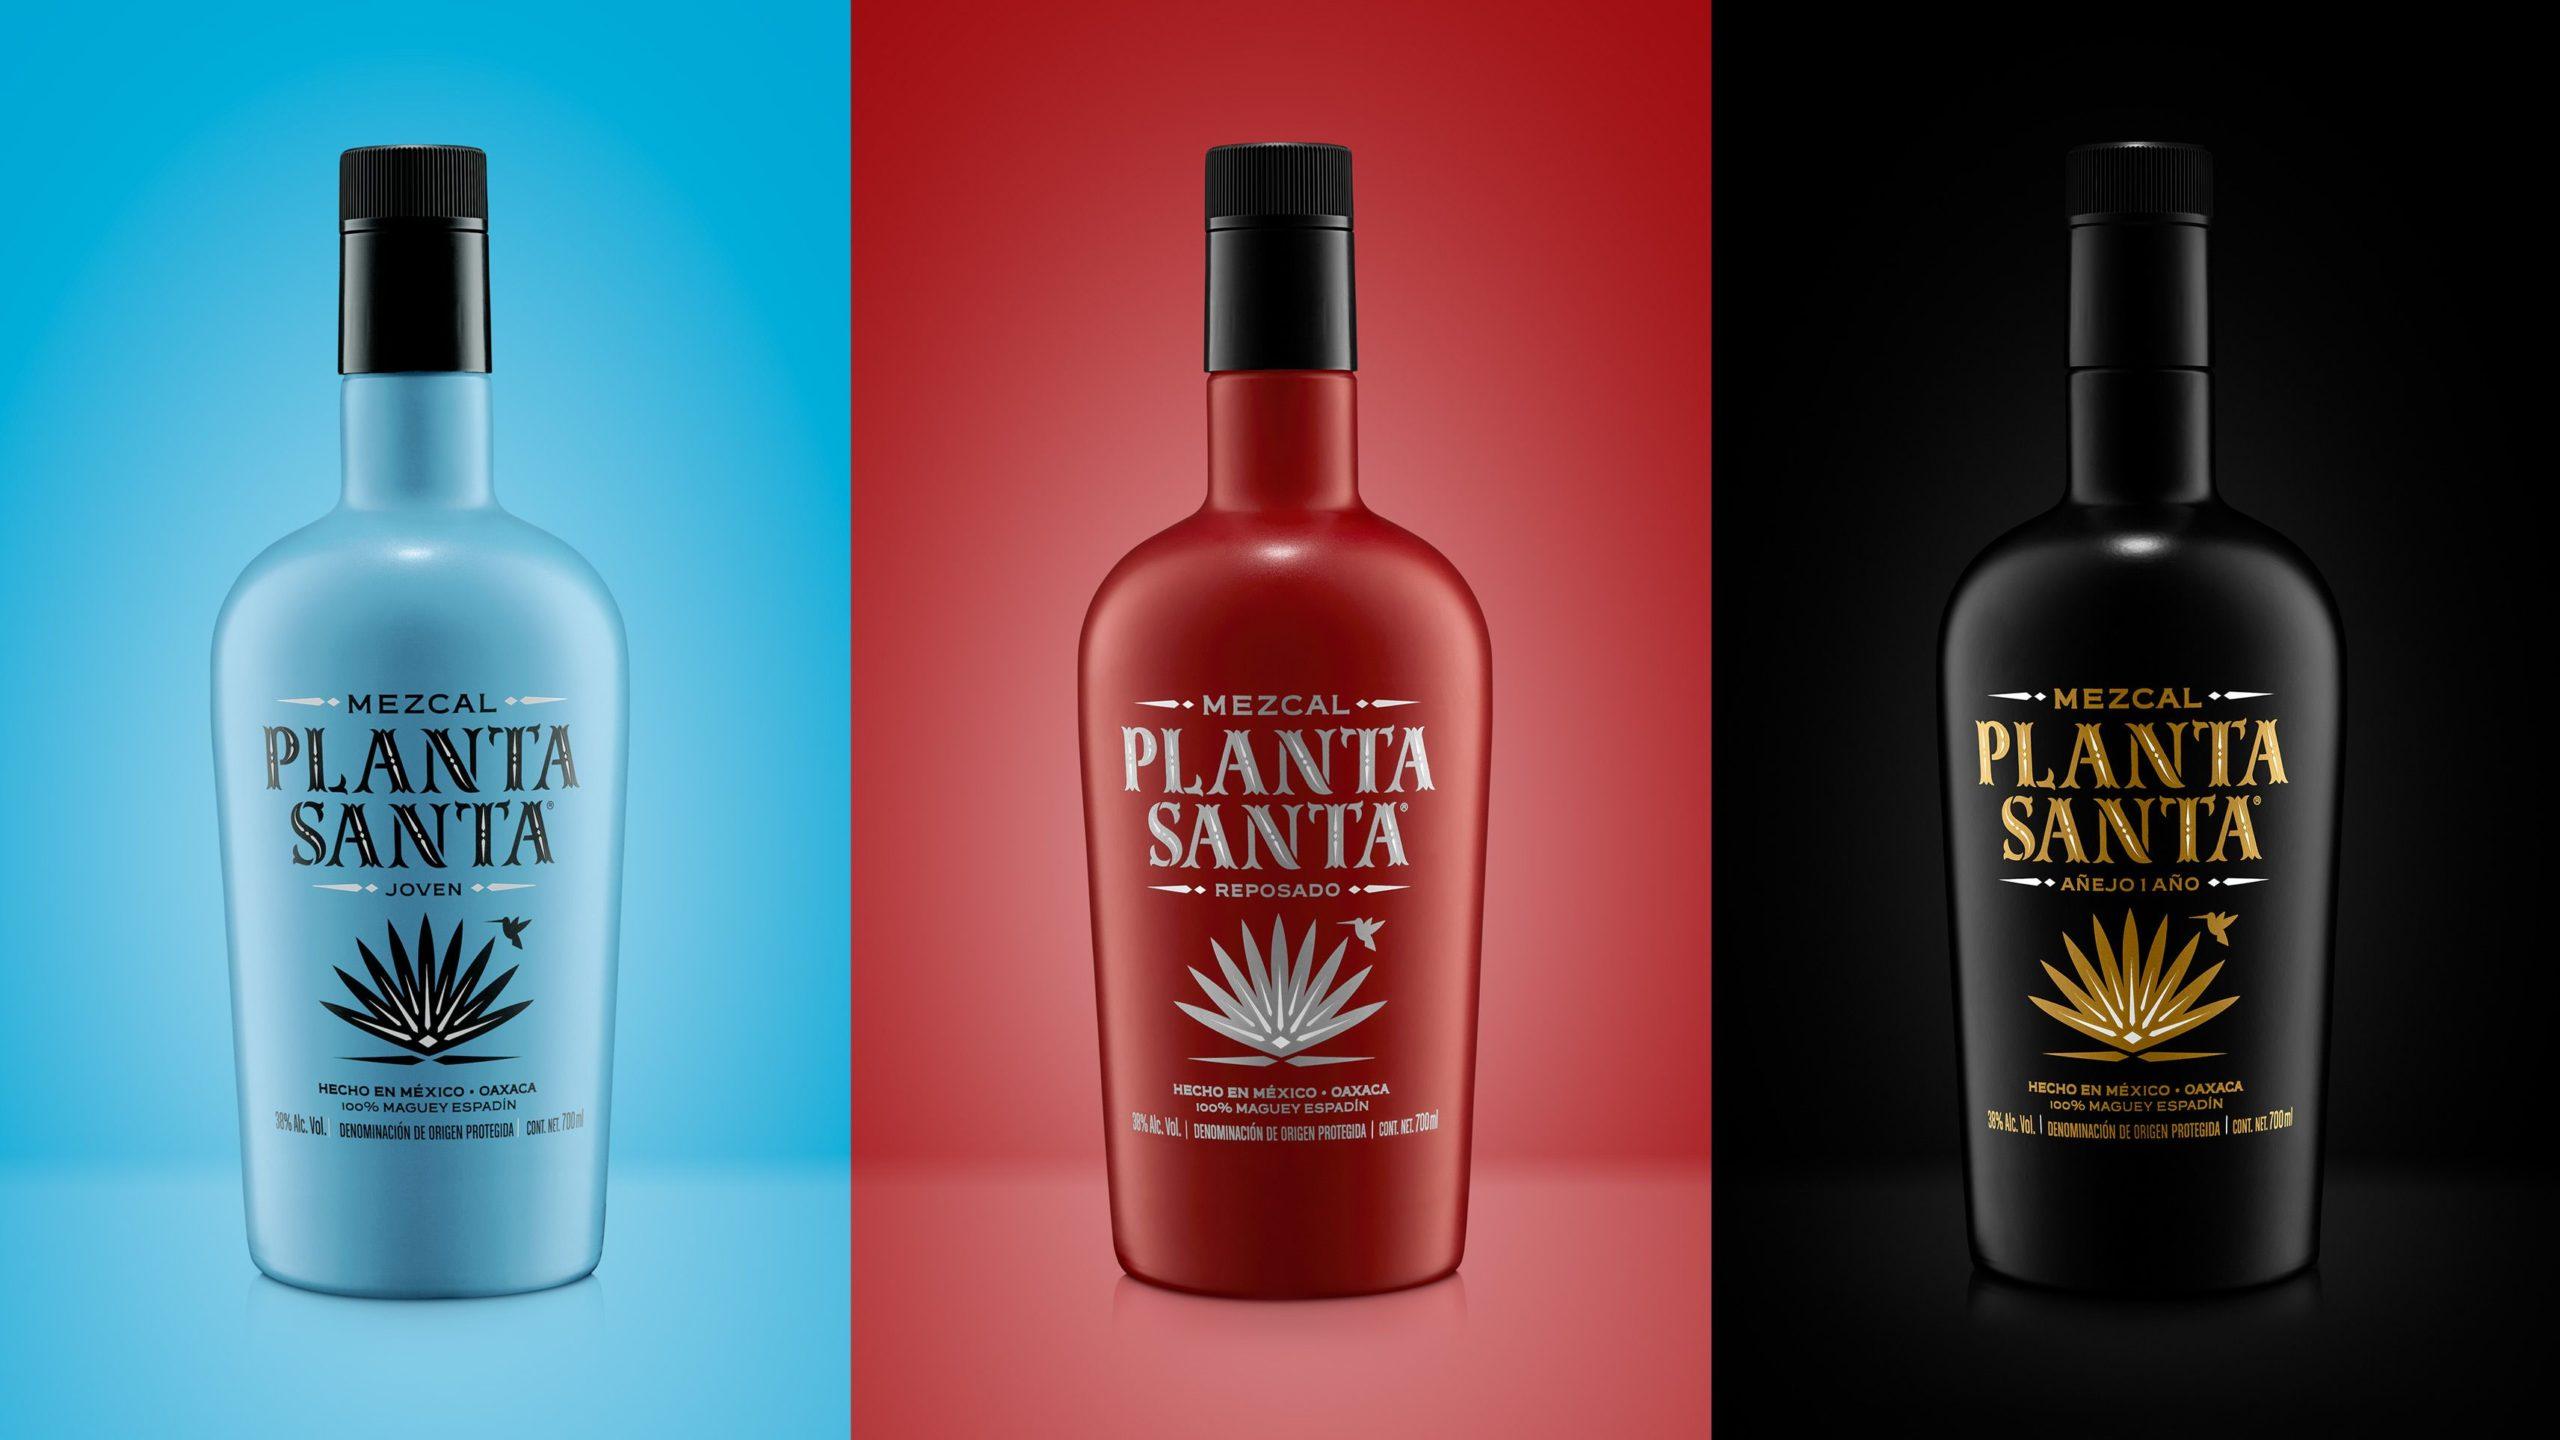 LA BENDITA AGENCIA diseña para Beveland el nuevo pack de la marca de mezcal PLANTA SANTA